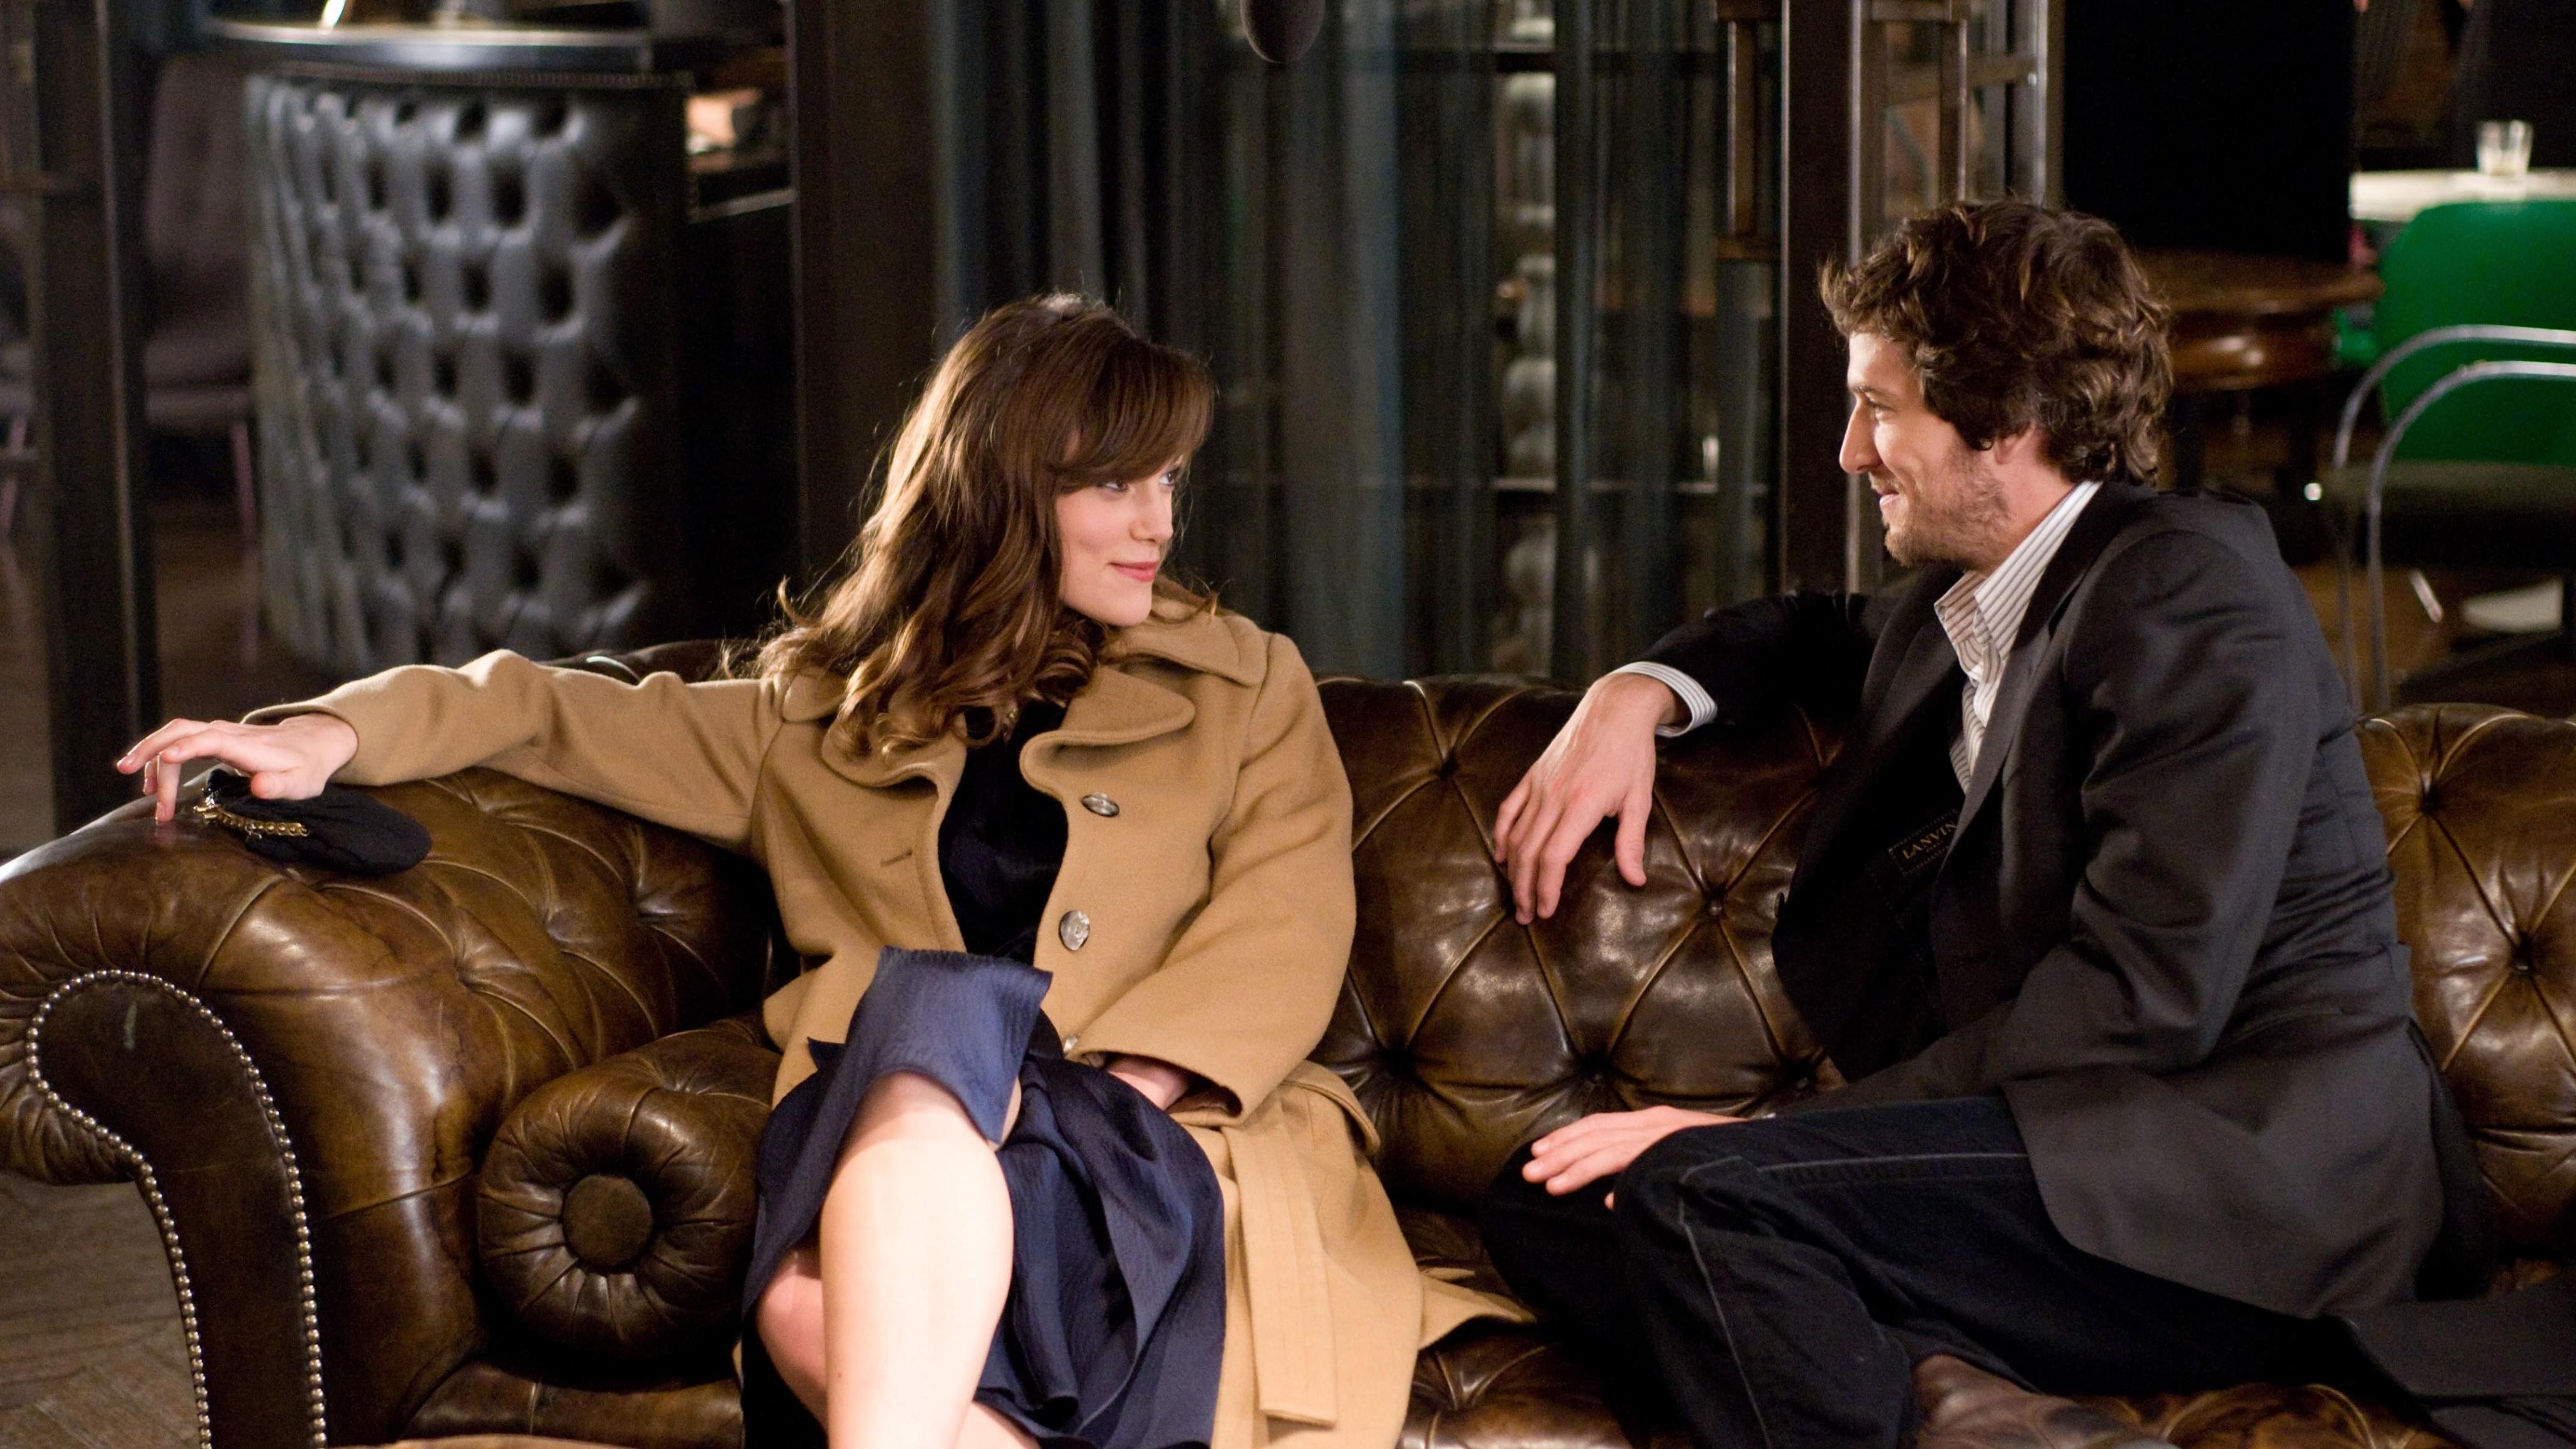 Она его приворожила, или мужчина в жизни любит лишь одну? Реальная история о любви и предательстве